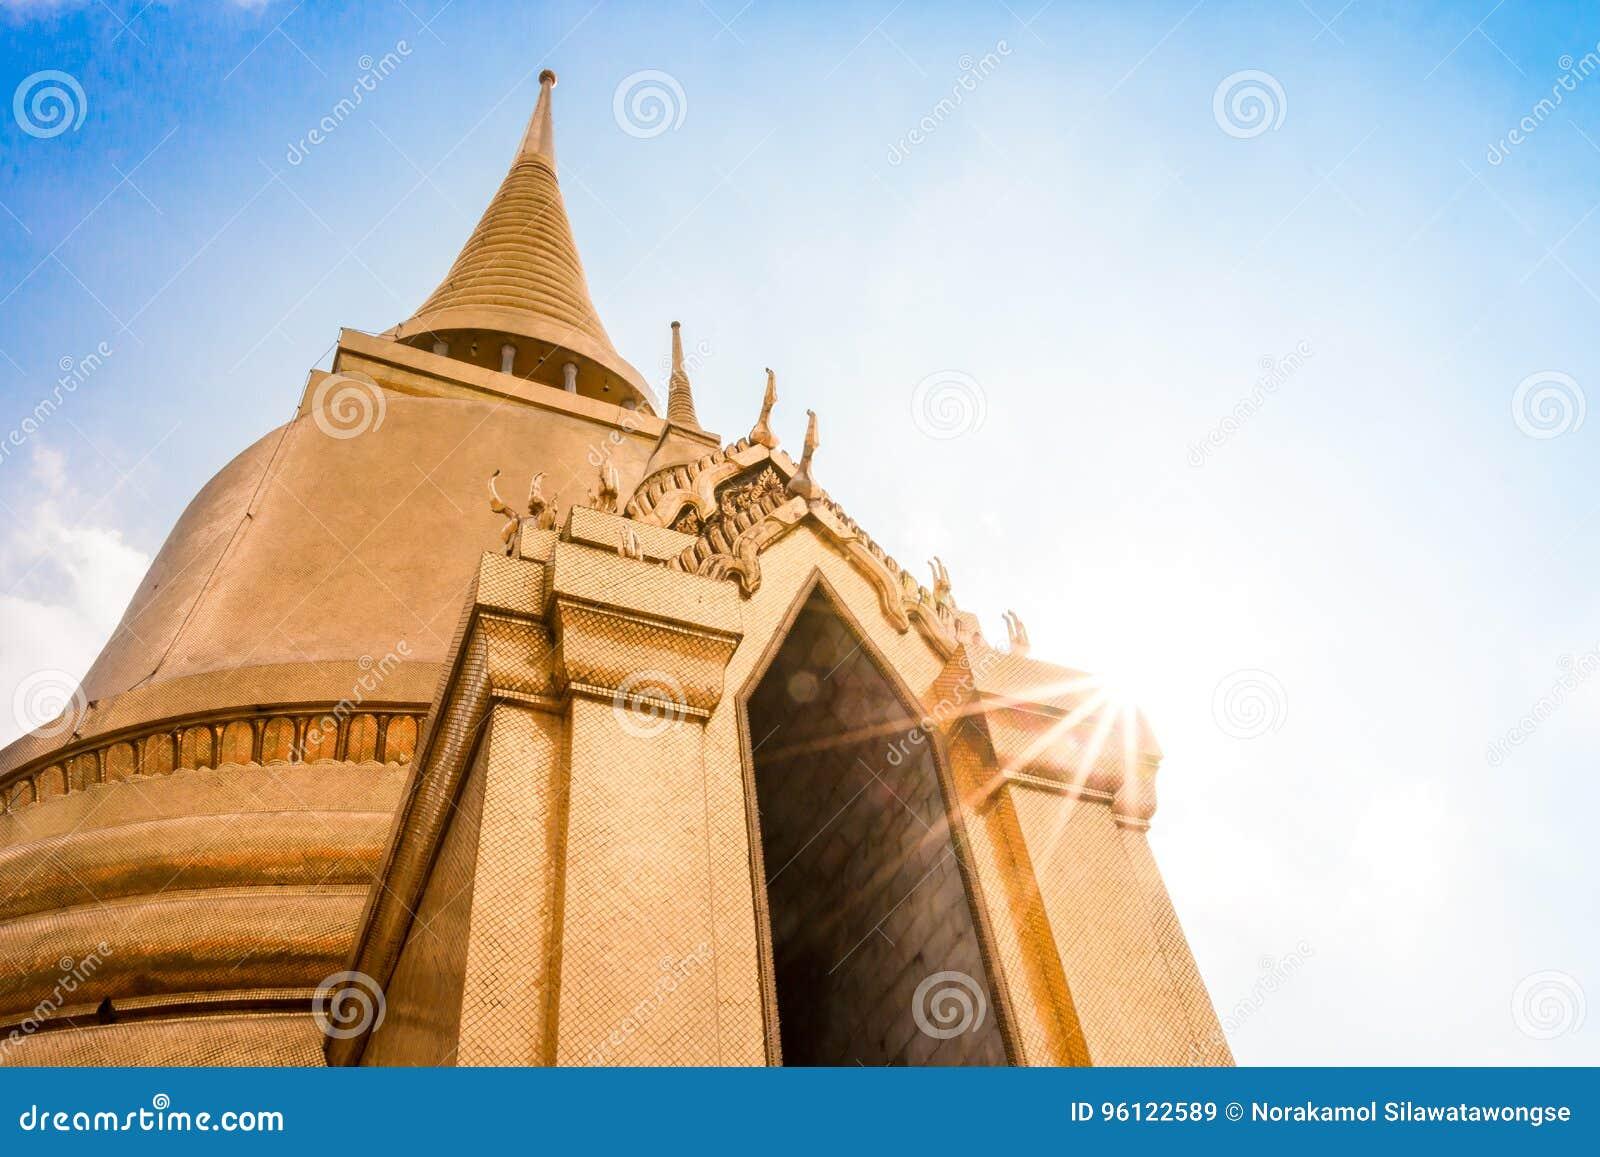 Pagoda tailandesa en Bangkok con el cielo azul soleado